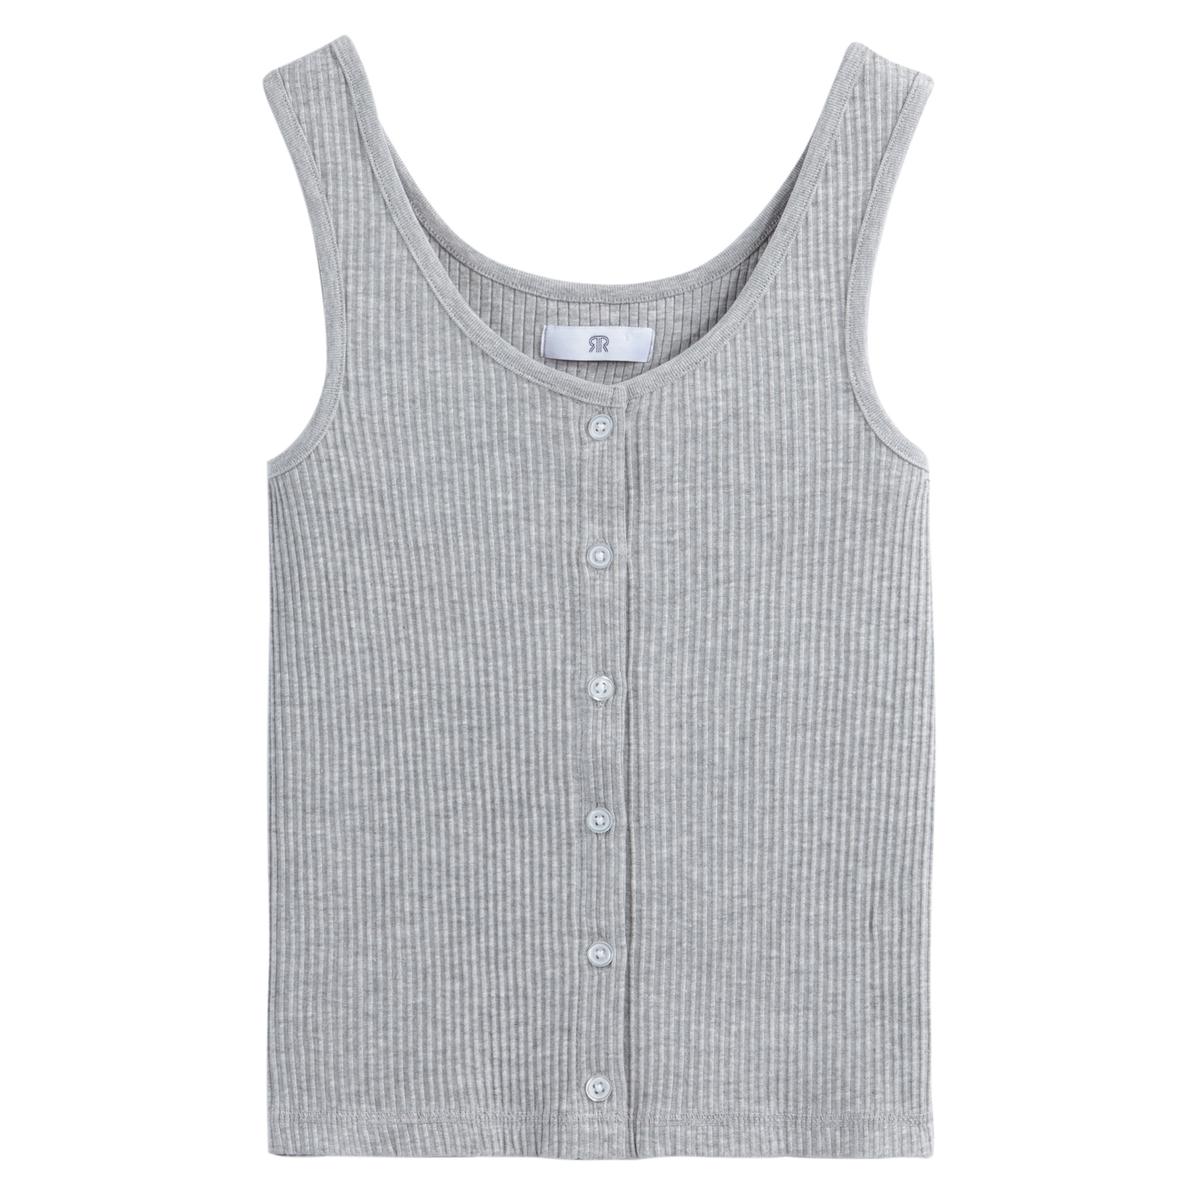 Camiseta sin mangas con cuello redondo, punto de canalé y abotonado delante